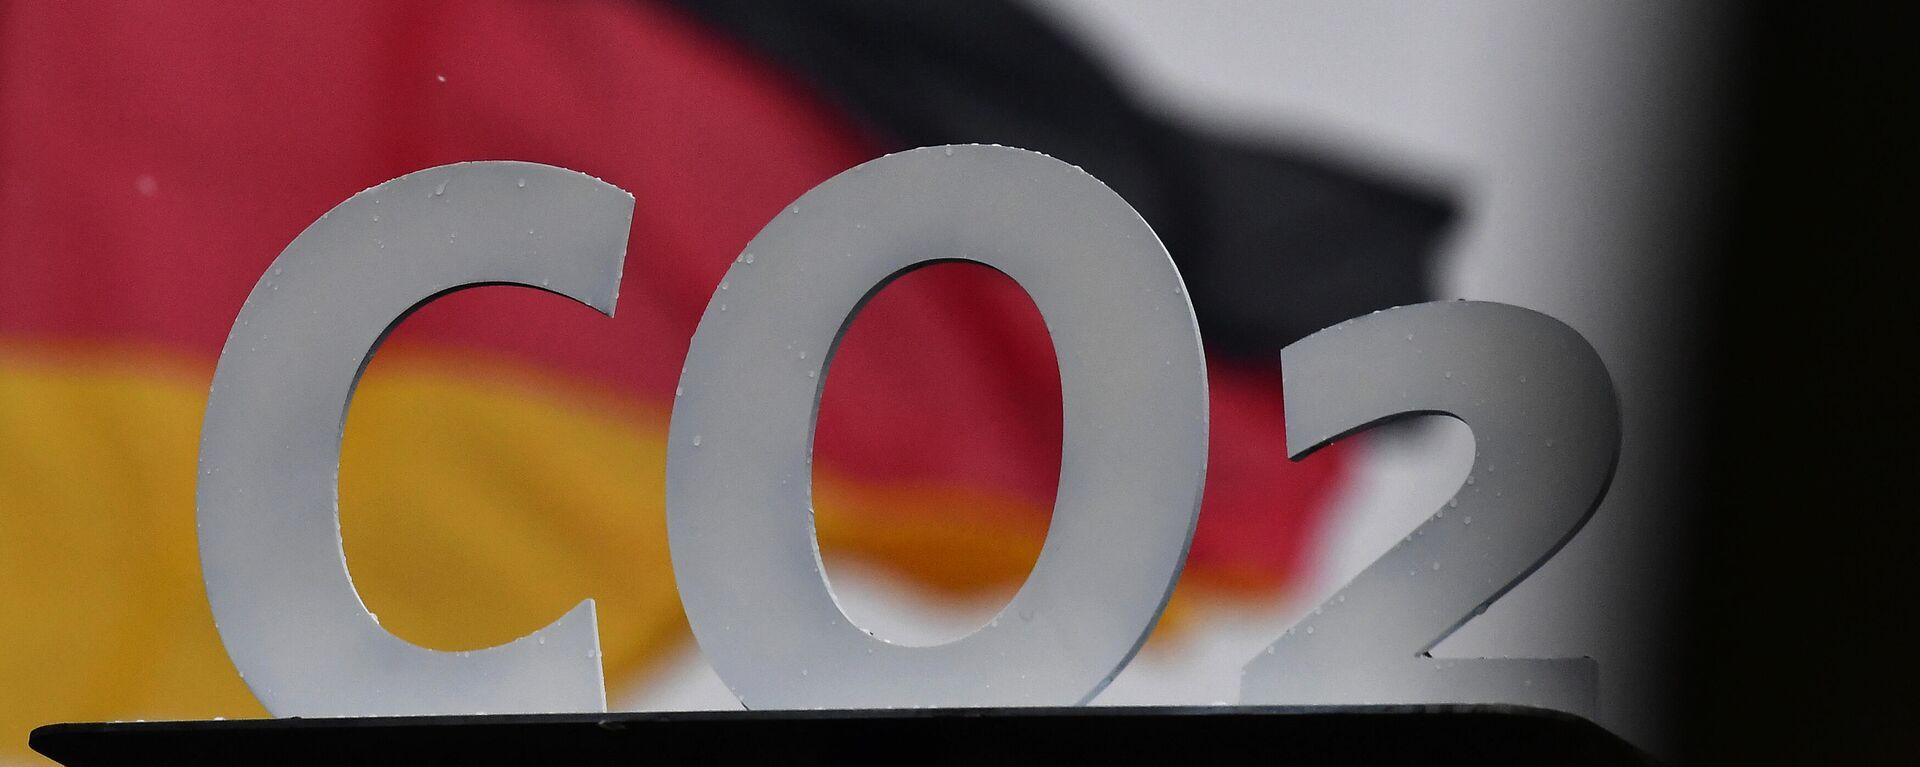 Die Summenformel von Kohlendioxid mit der deutschen Nationalflagge im HIntergrund - SNA, 1920, 08.08.2021